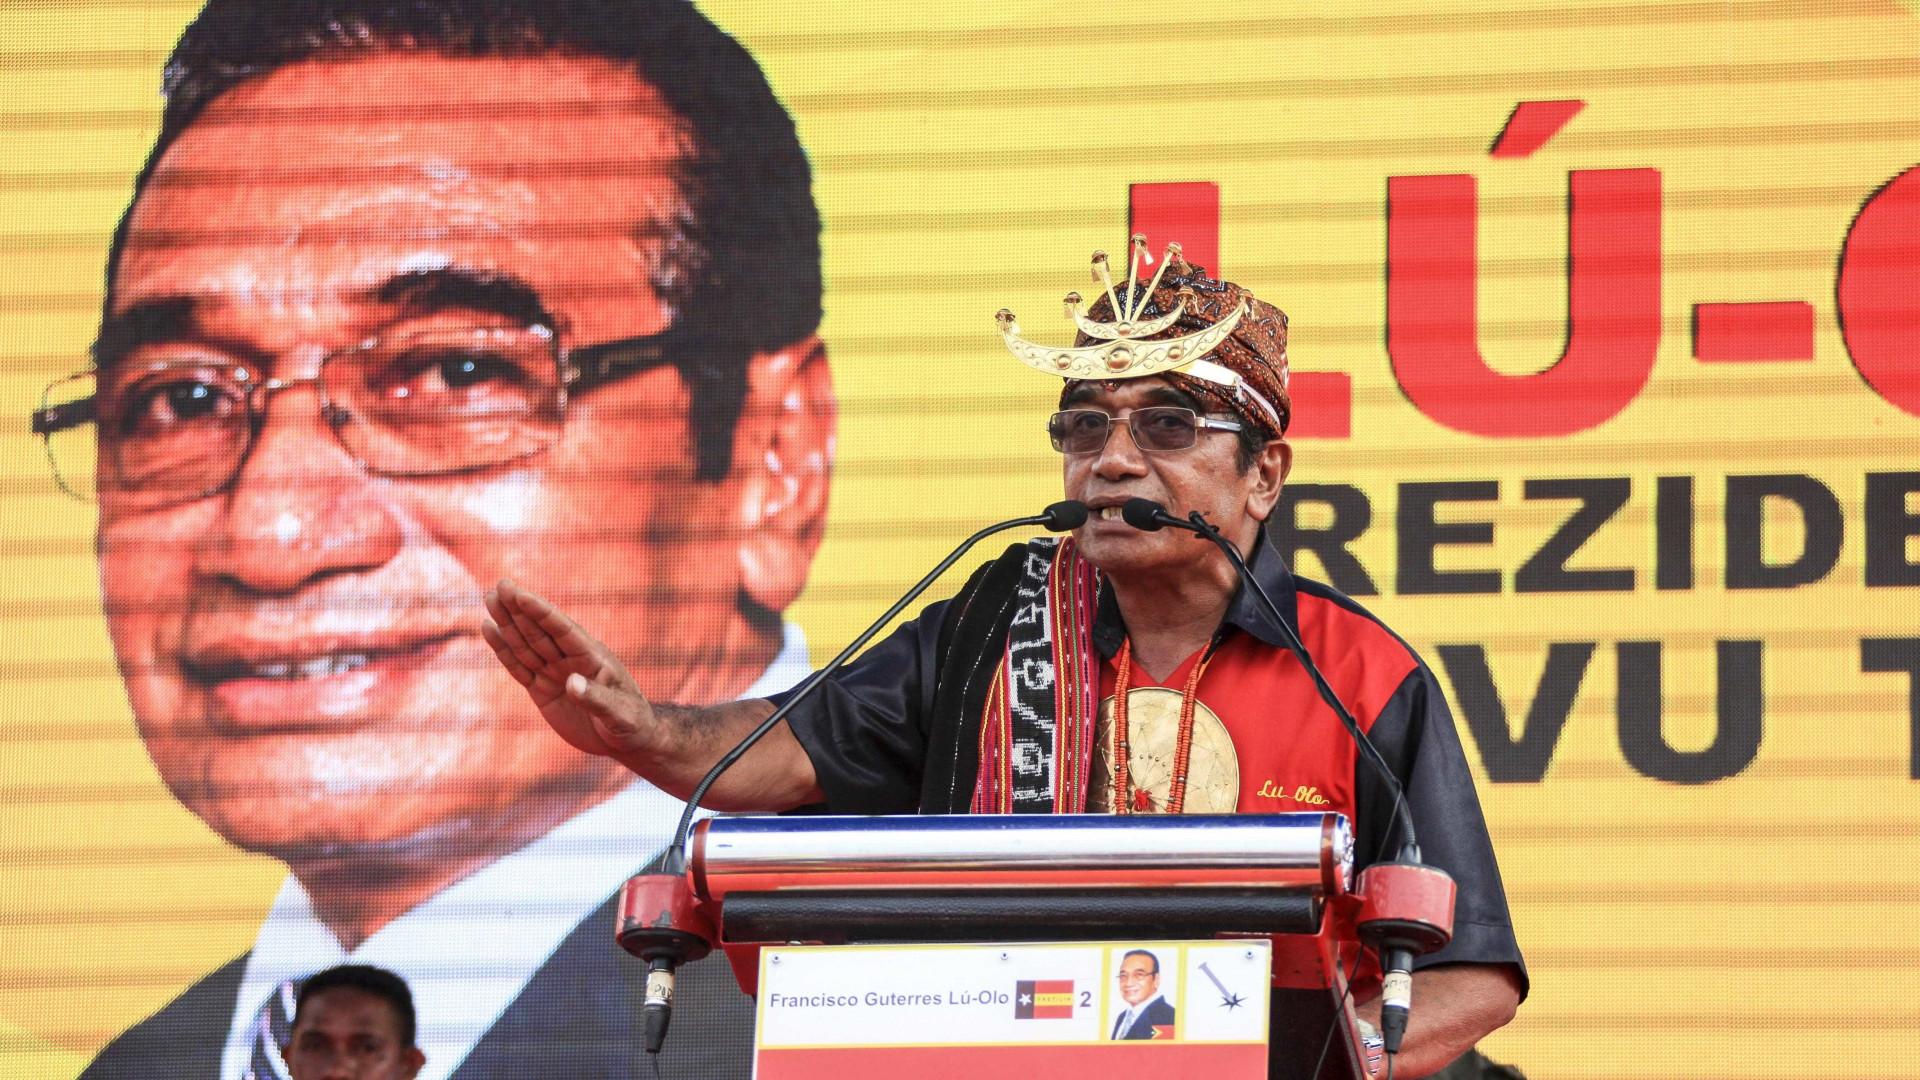 Francisco Guterres Lu-Olo é o novo Presidente de Timor-Leste